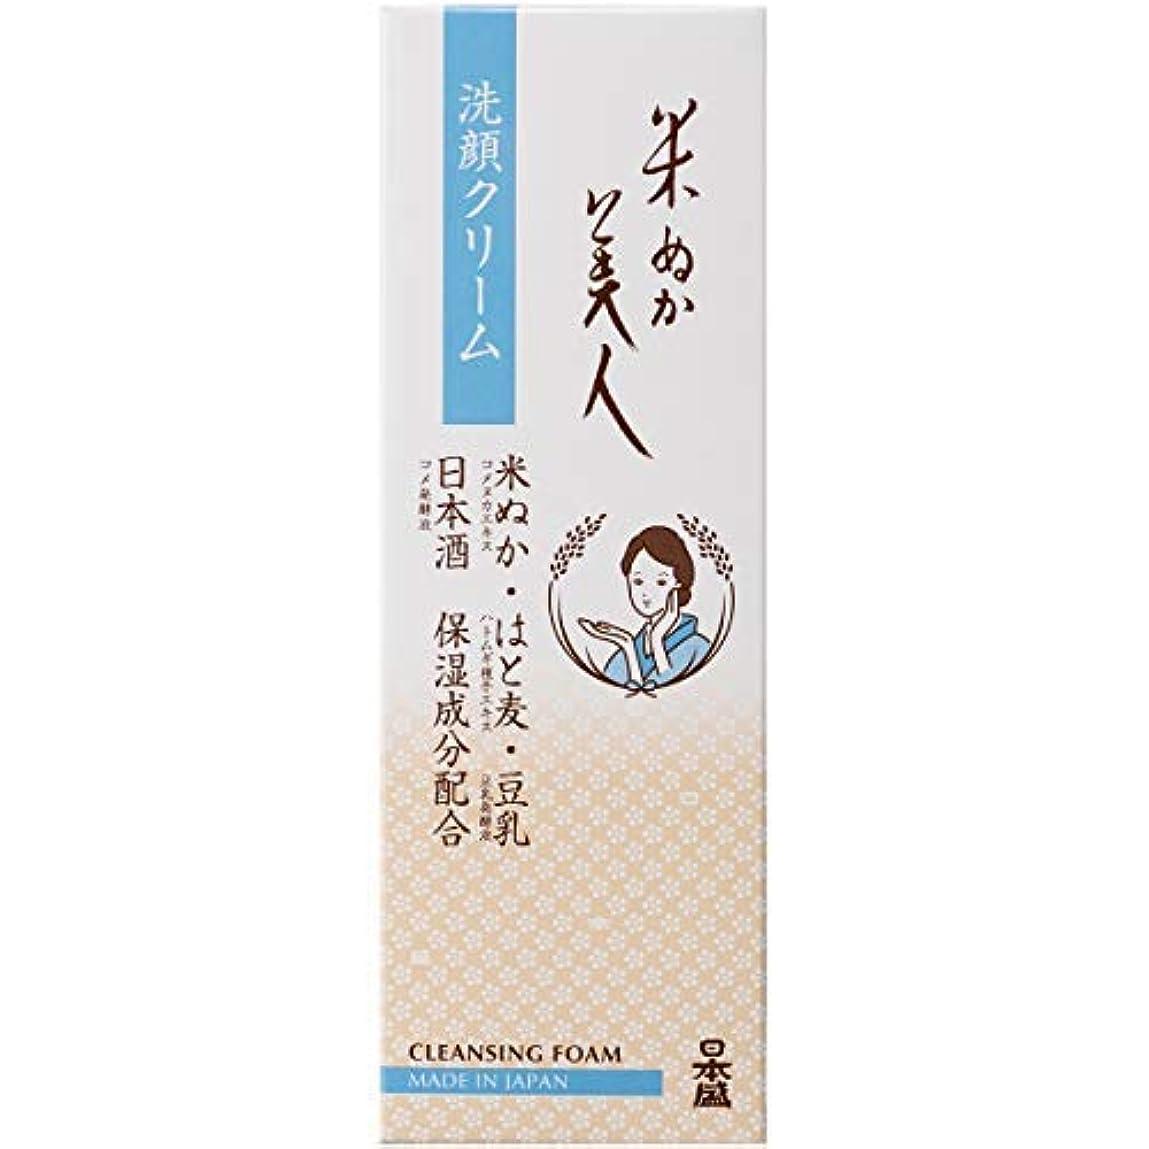 支配的大脳記事米ぬか美人 洗顔クリーム × 3個セット